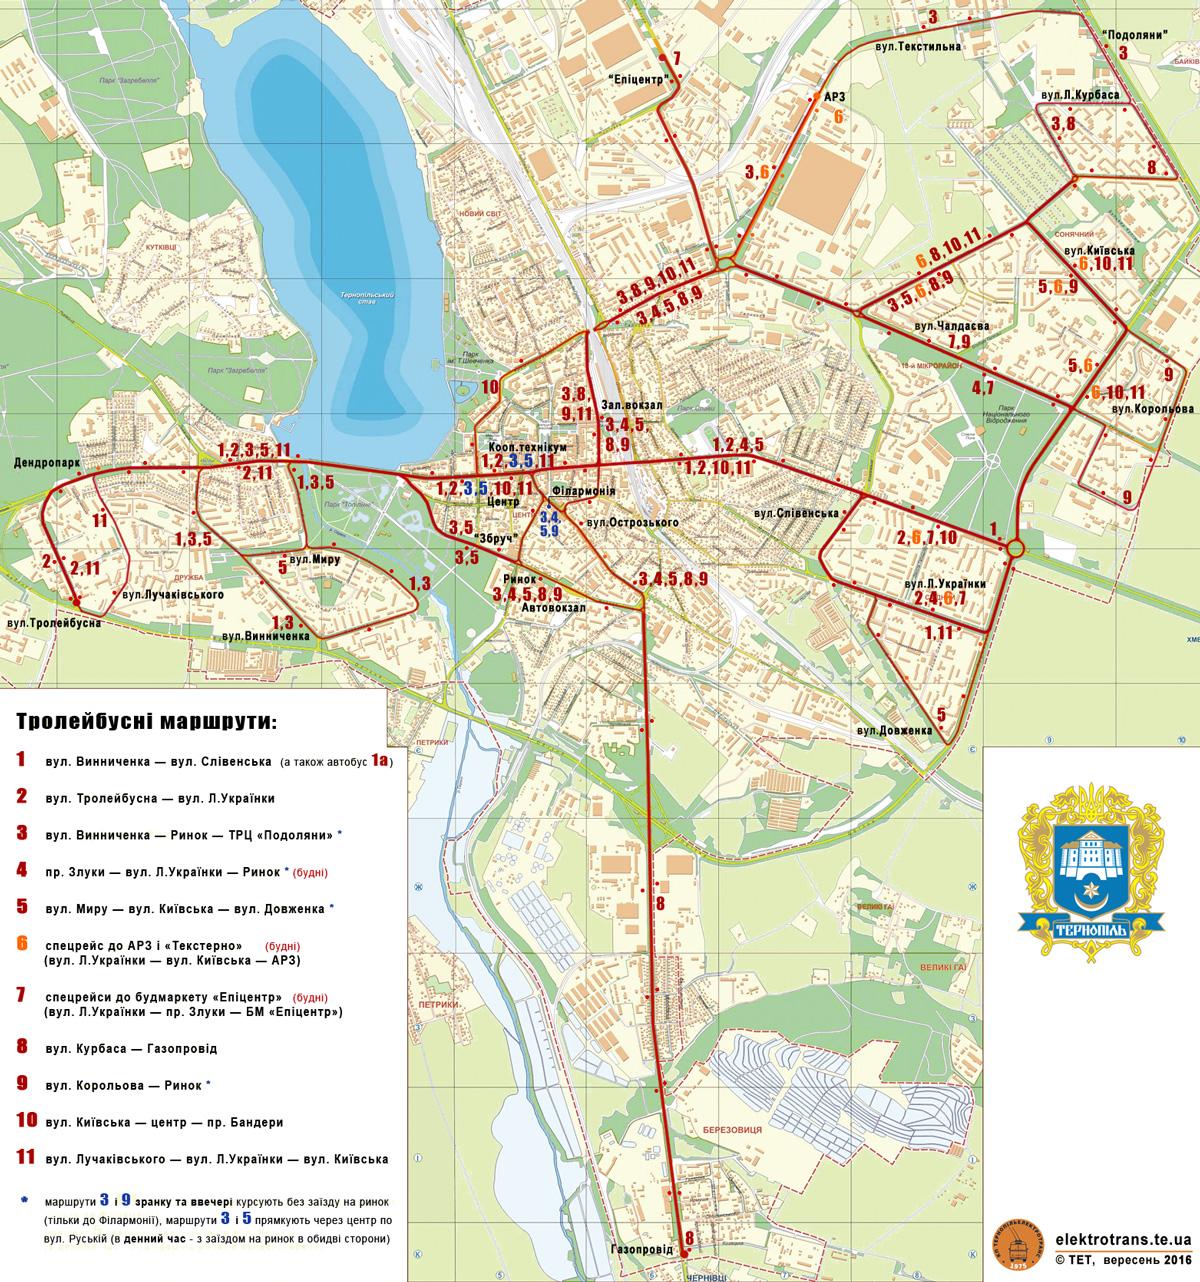 8 та 9 Квітня восьмий  маршрут тролейбуса працюватиме в посиленому режимі